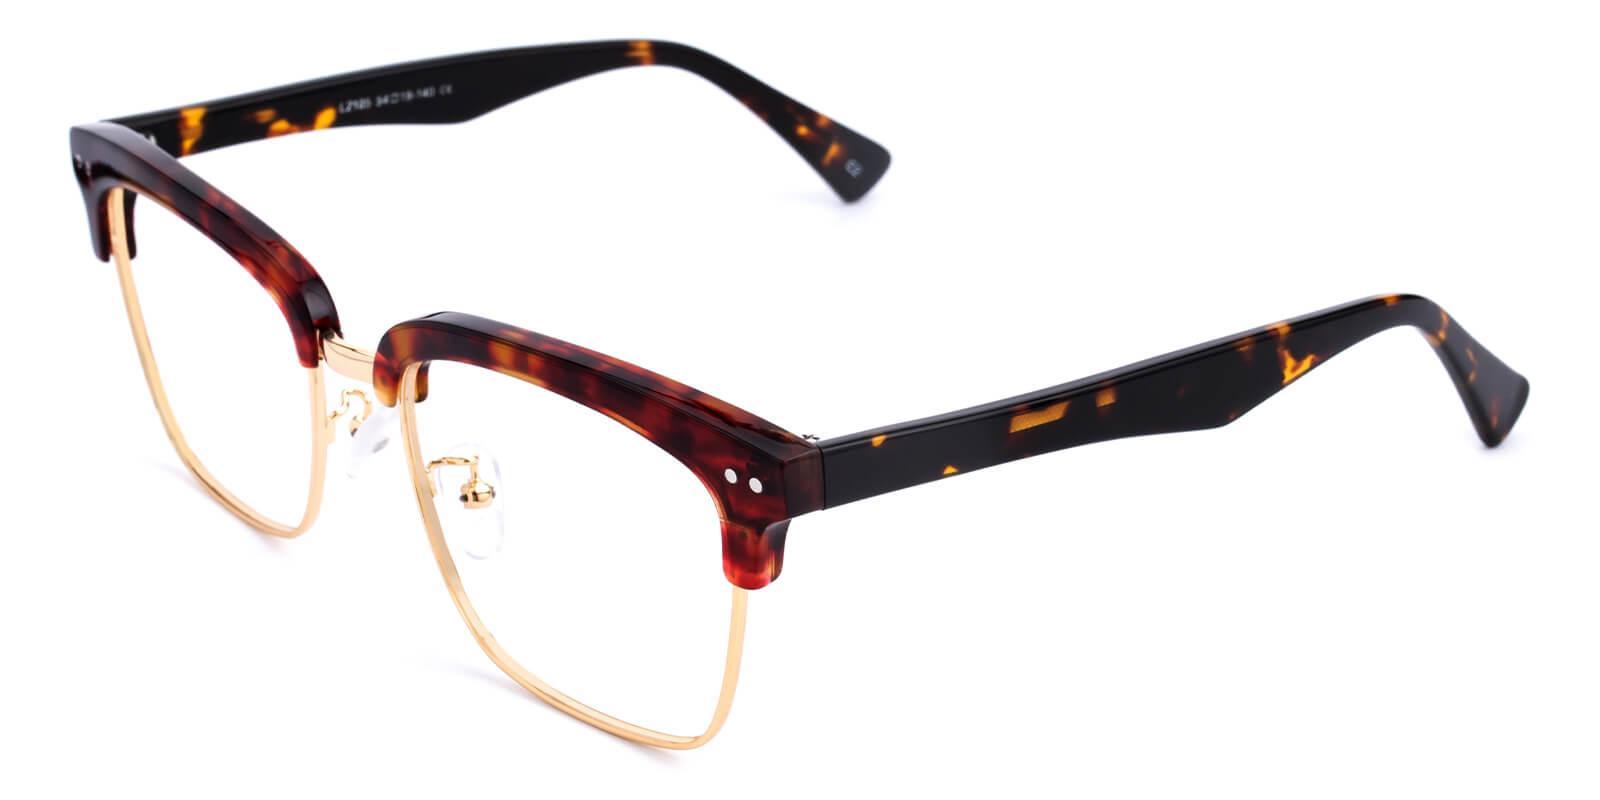 Ellimim-Tortoise-Browline-Acetate / Metal-Eyeglasses-additional1